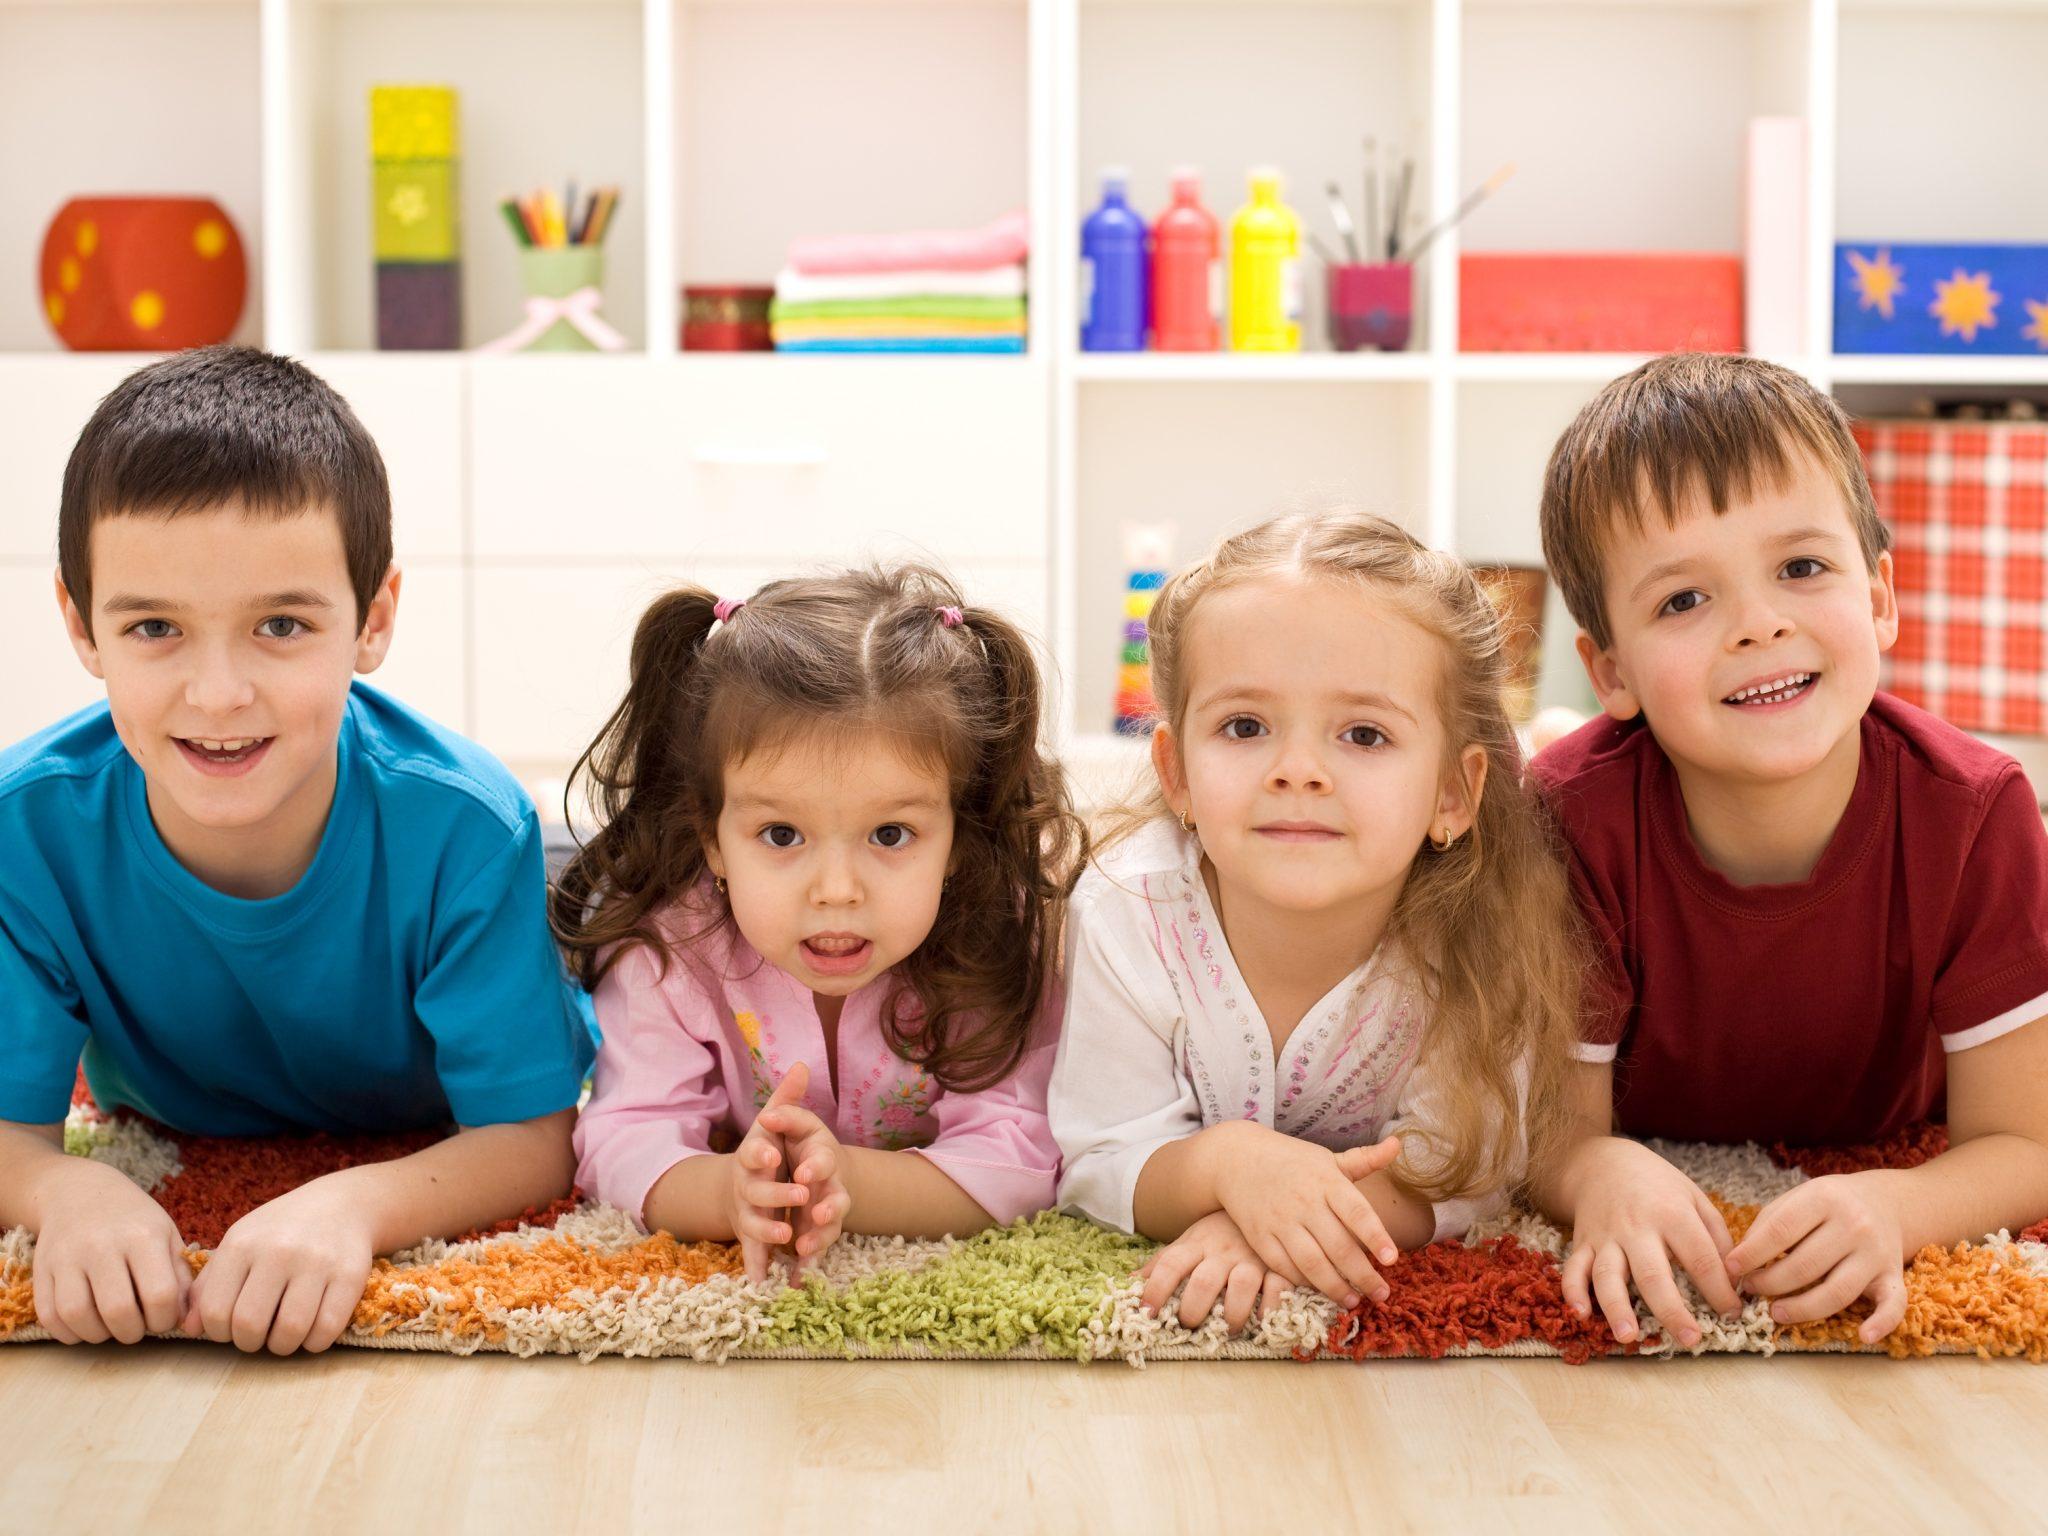 Фото с детками для оформления сайта